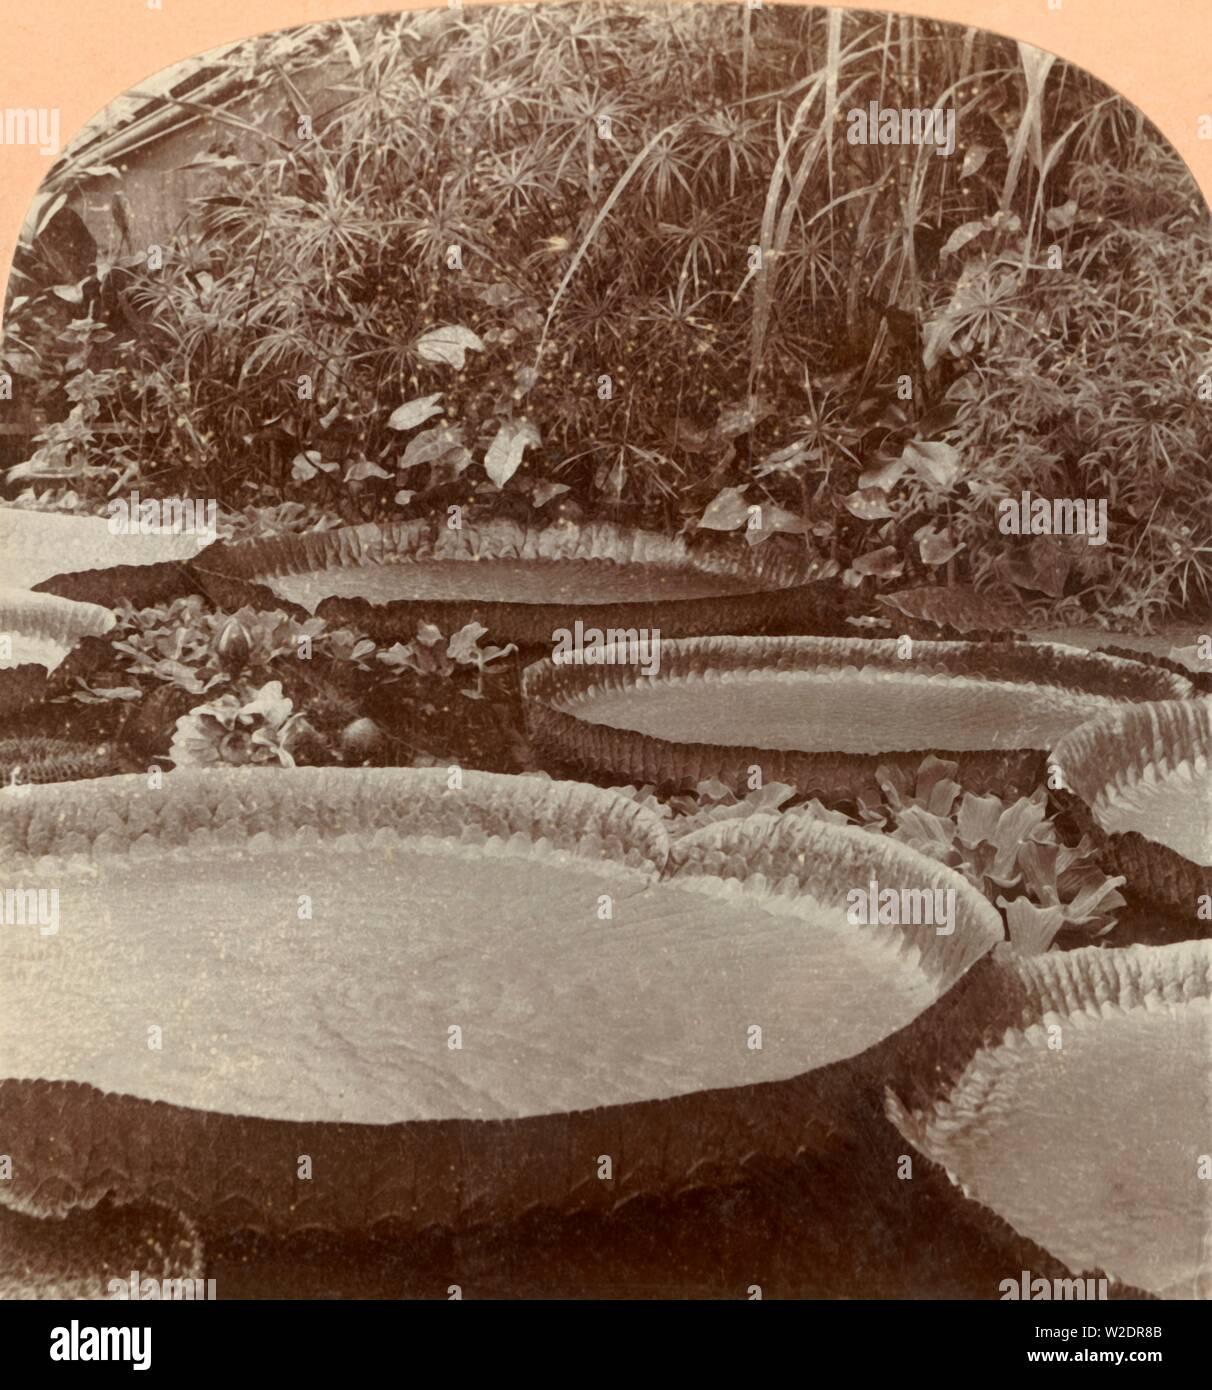 'Thureza Lily, Botanical Garden, Hamburg, Germany', 1895. Creator: Keystone View Company. Stock Photo